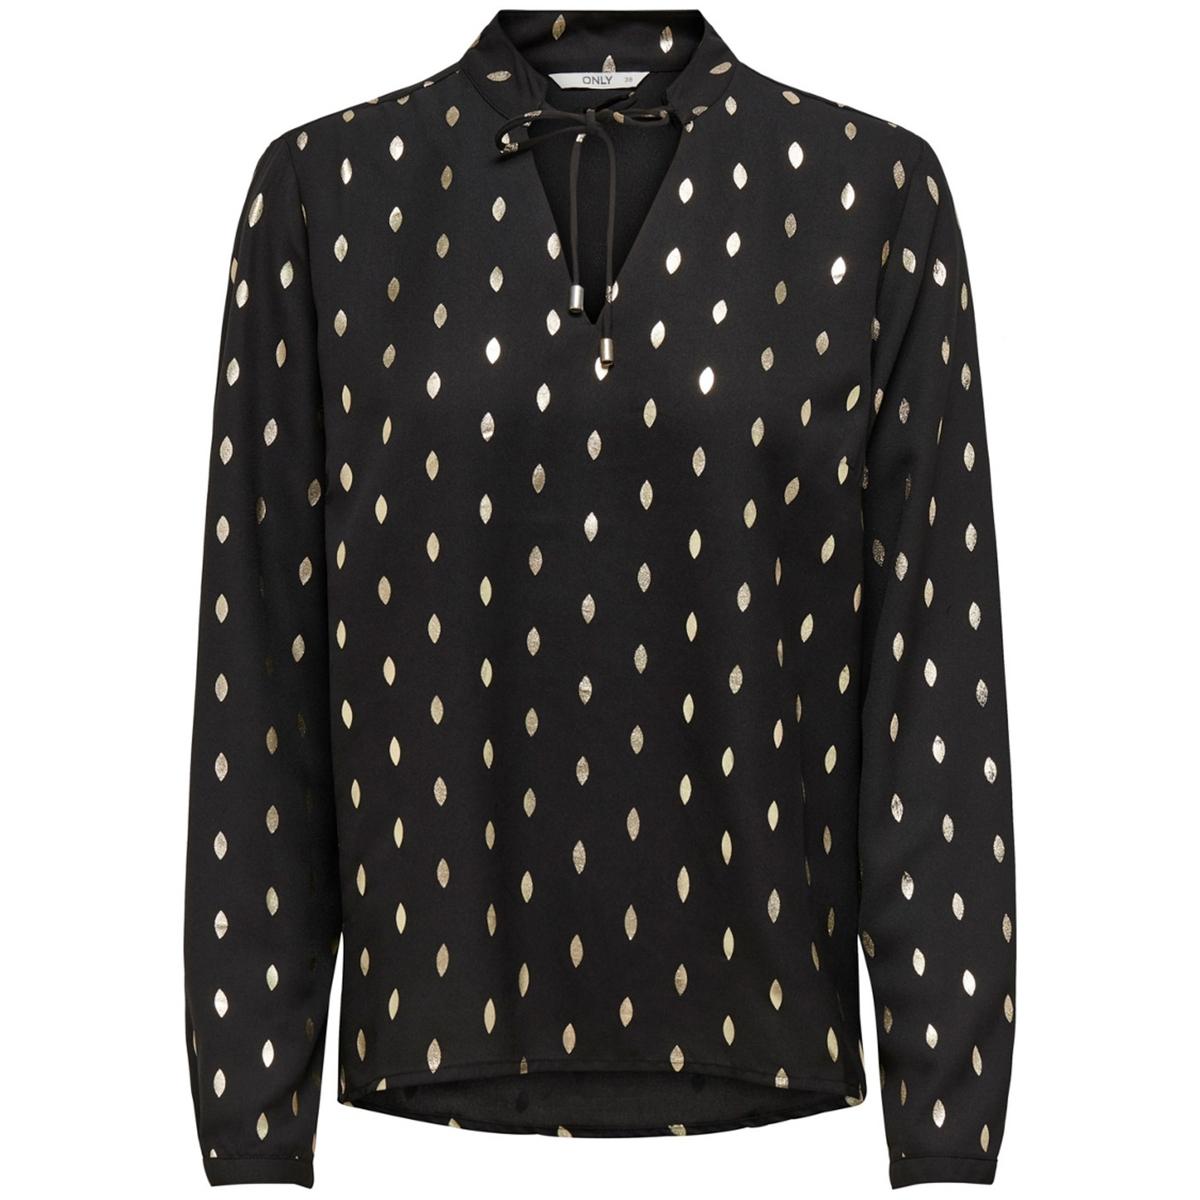 цена Блузка La Redoute С круглым вырезом с разрезом спереди и завязками S черный онлайн в 2017 году